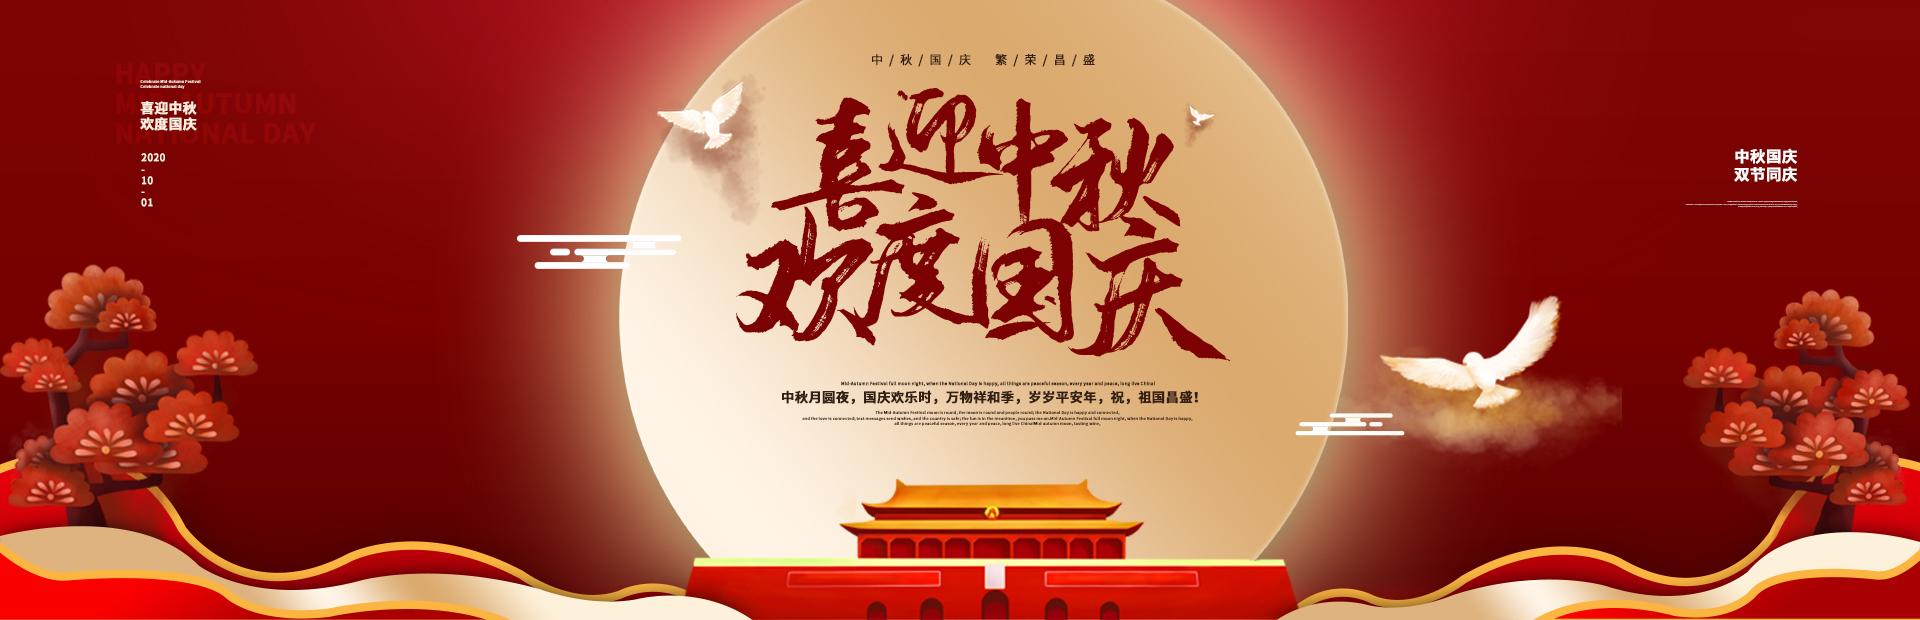 江西省春大地农业生态发展有限公司预祝新老客户中秋、国庆双节假期愉快!